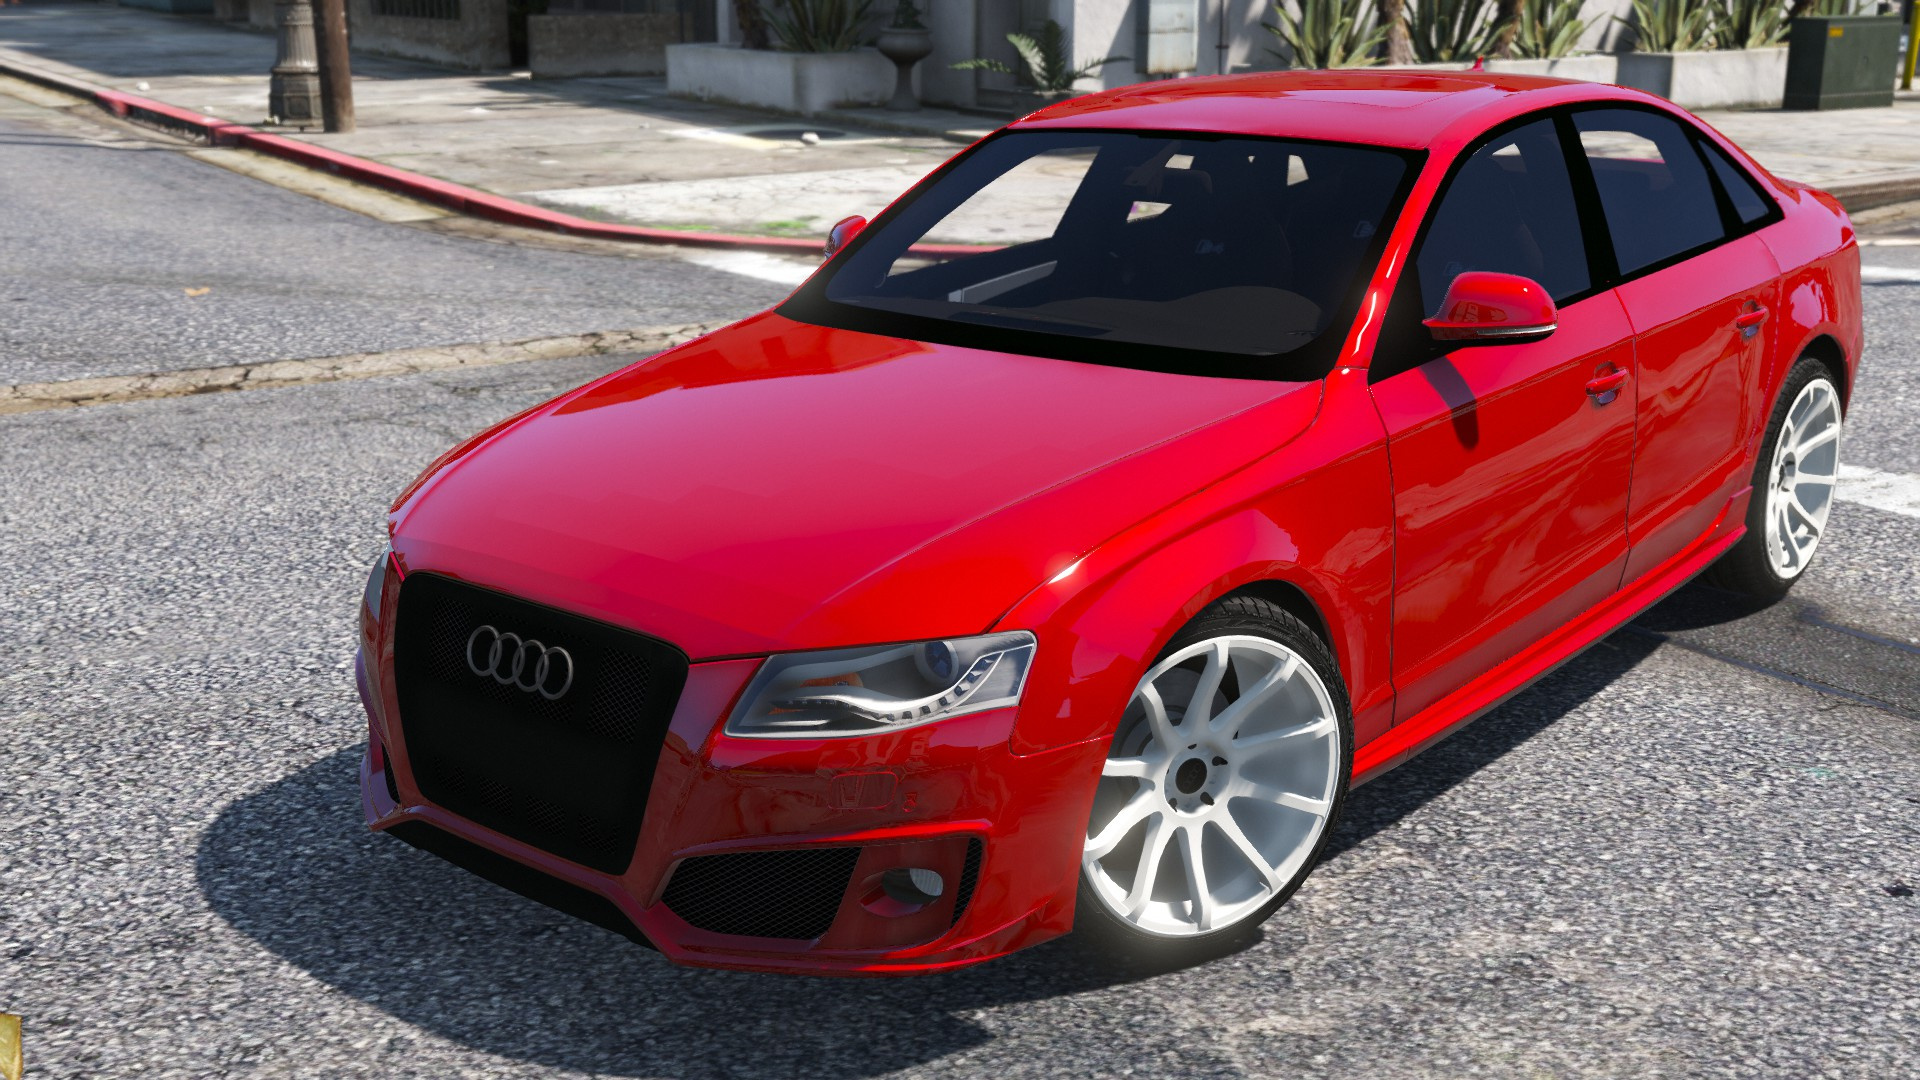 Audi S GTAModscom - Audi car gta 5